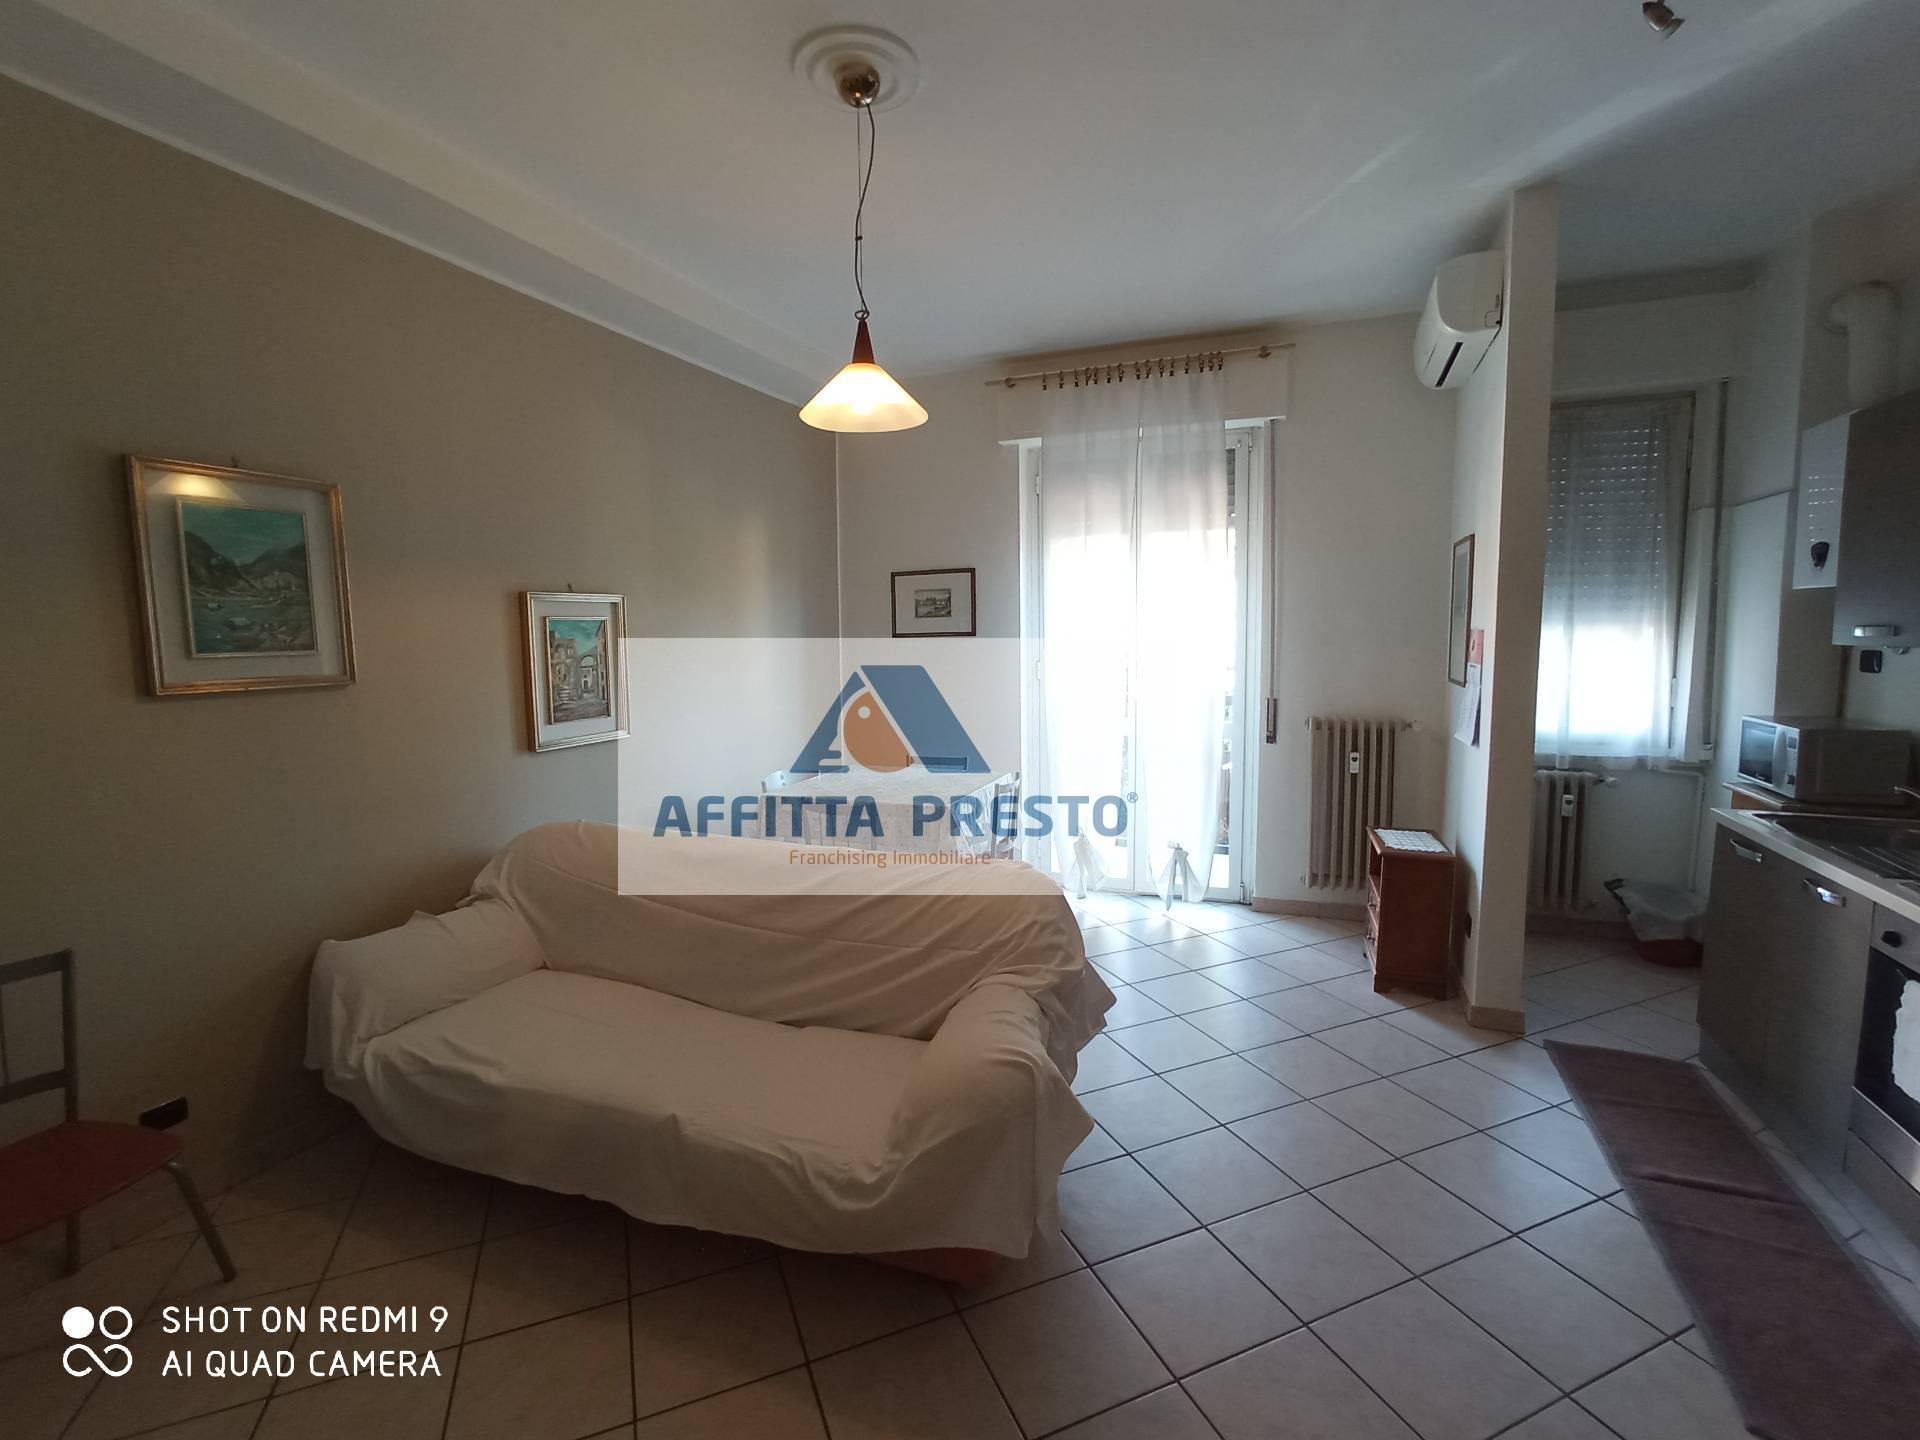 Appartamento in affitto a Monza, 2 locali, prezzo € 1.100 | CambioCasa.it